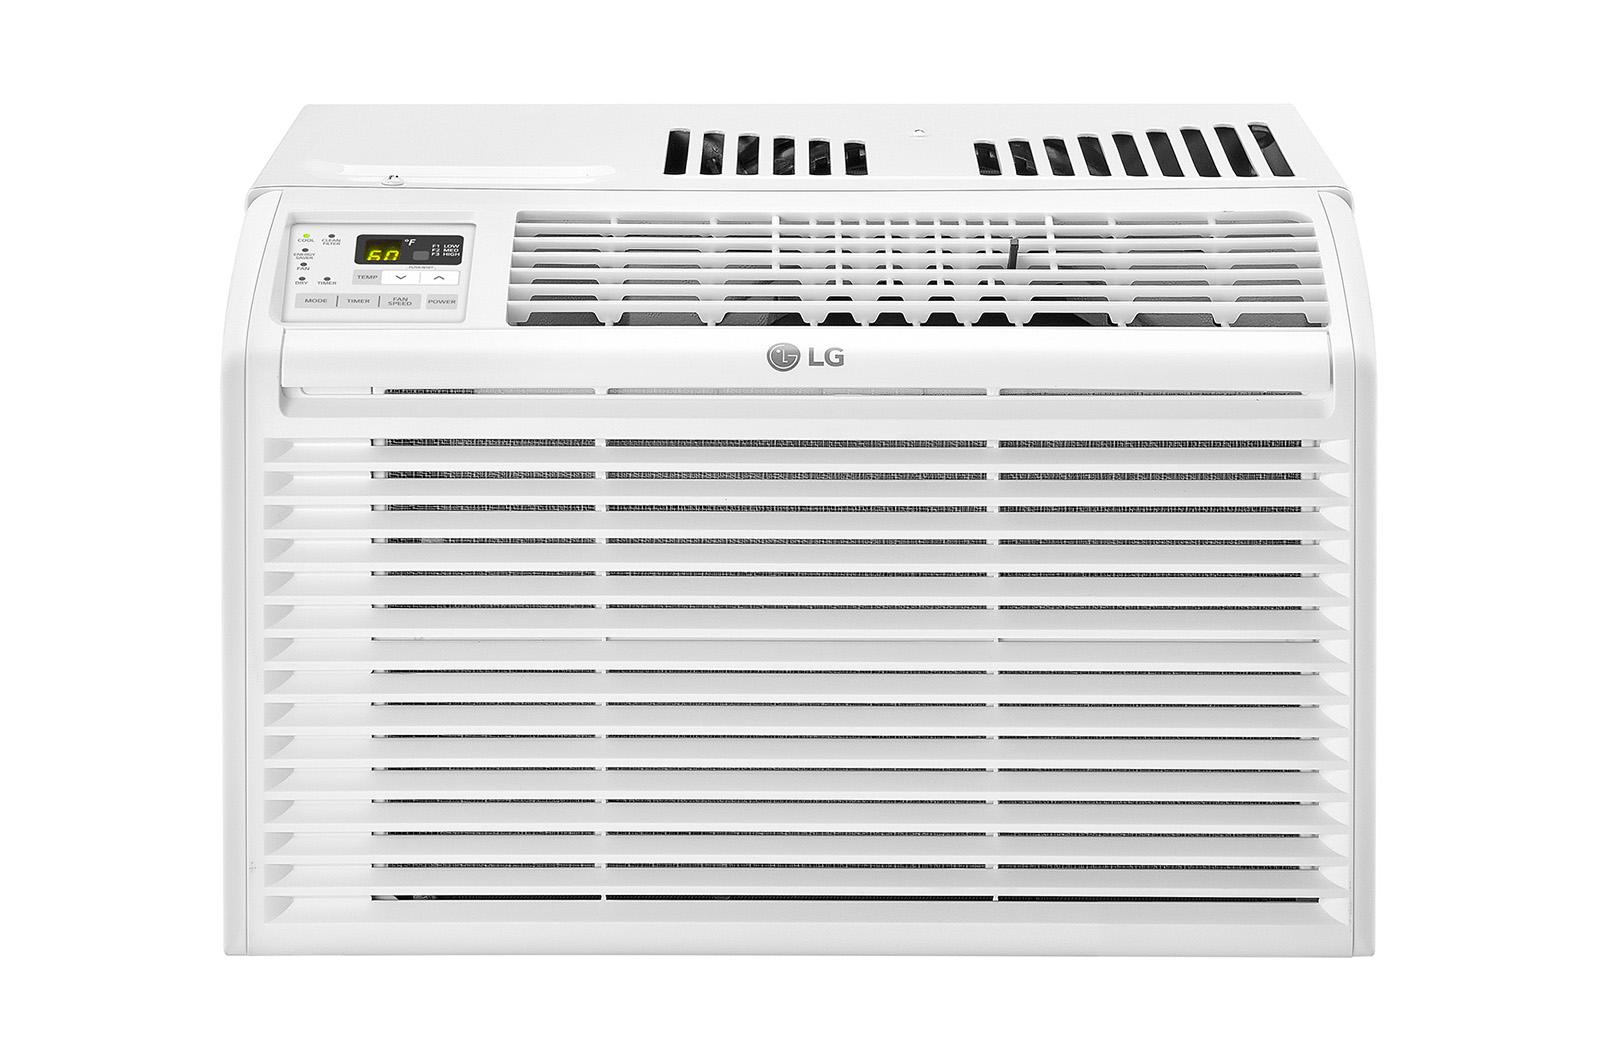 LG LW6017R 6,000 BTU Window Air Conditioner - 115V